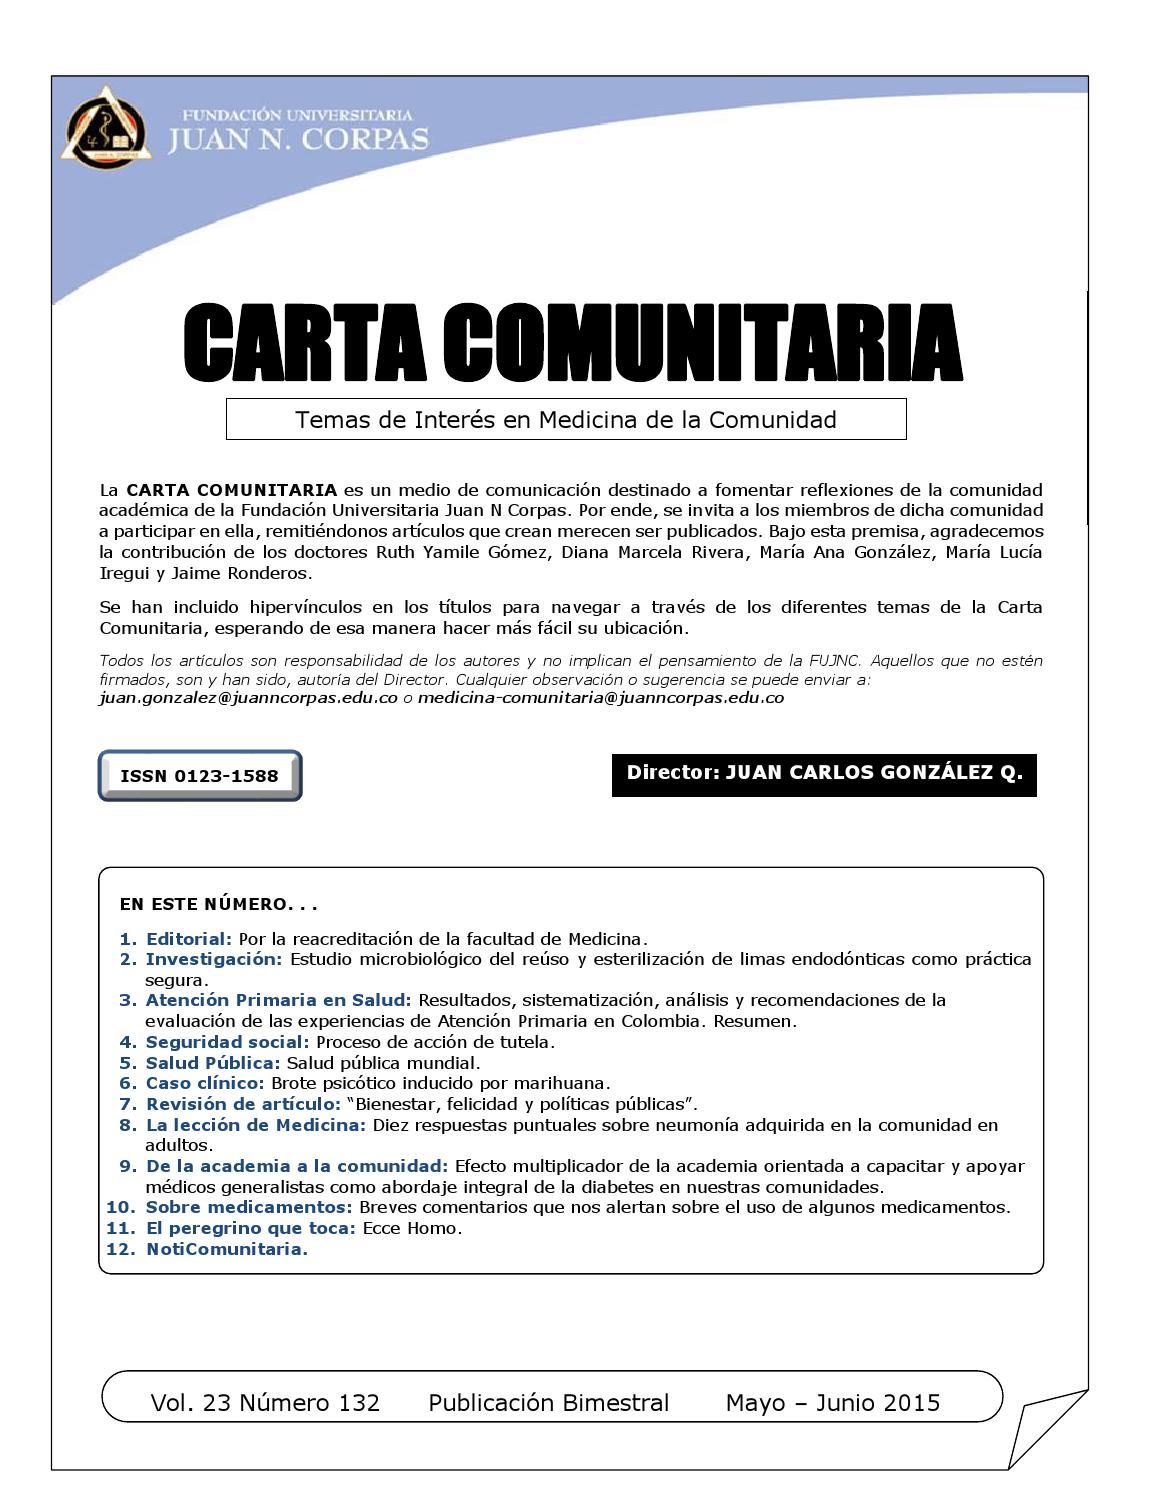 Carta Comunitaria 132 by Fundación Universitaria Juan N. Corpas - issuu